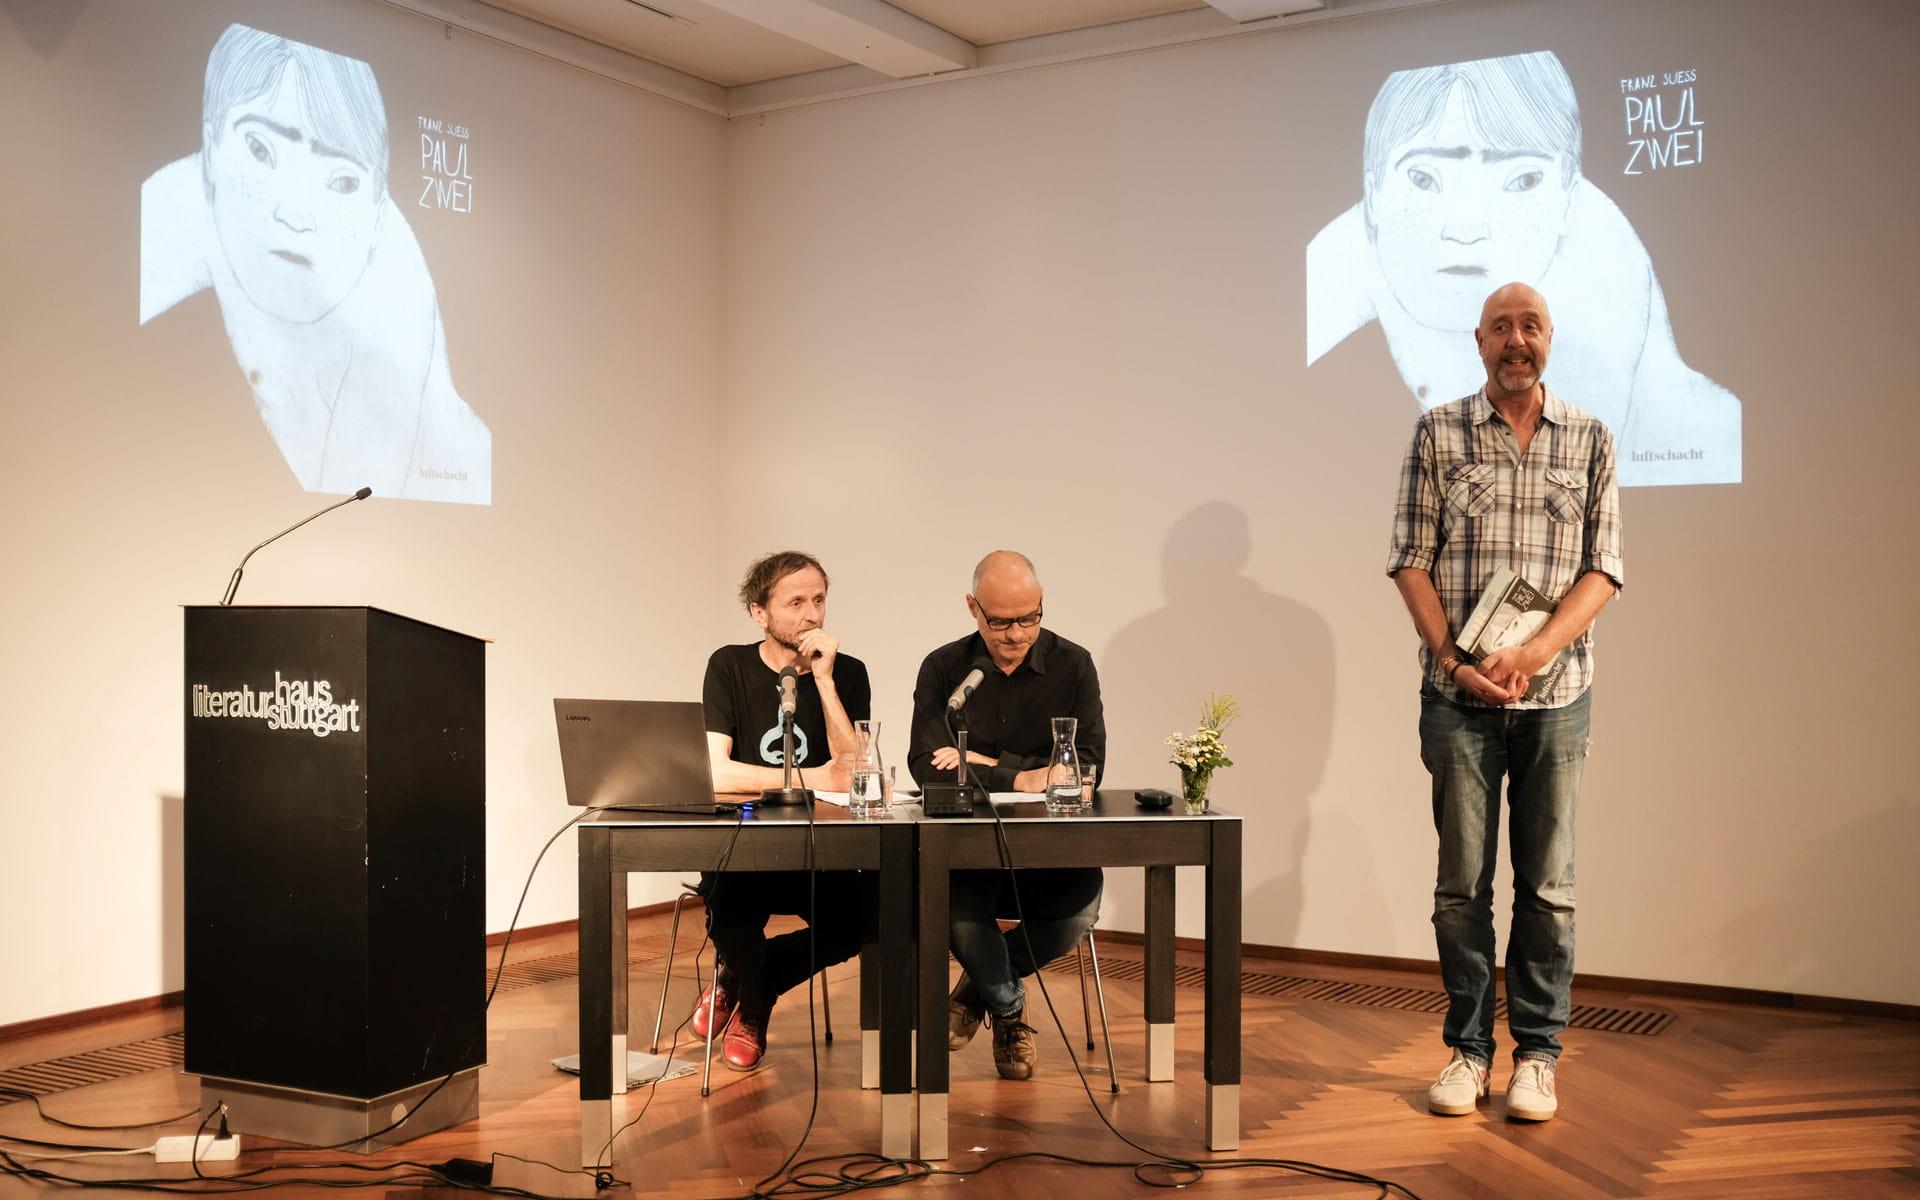 Franz Suess, Stefan Mäser: Paul Zwei,                                                               Samstag, 13.07.19               /                   19.00              Uhr                               <br/>(c) Sebastian Wenzel